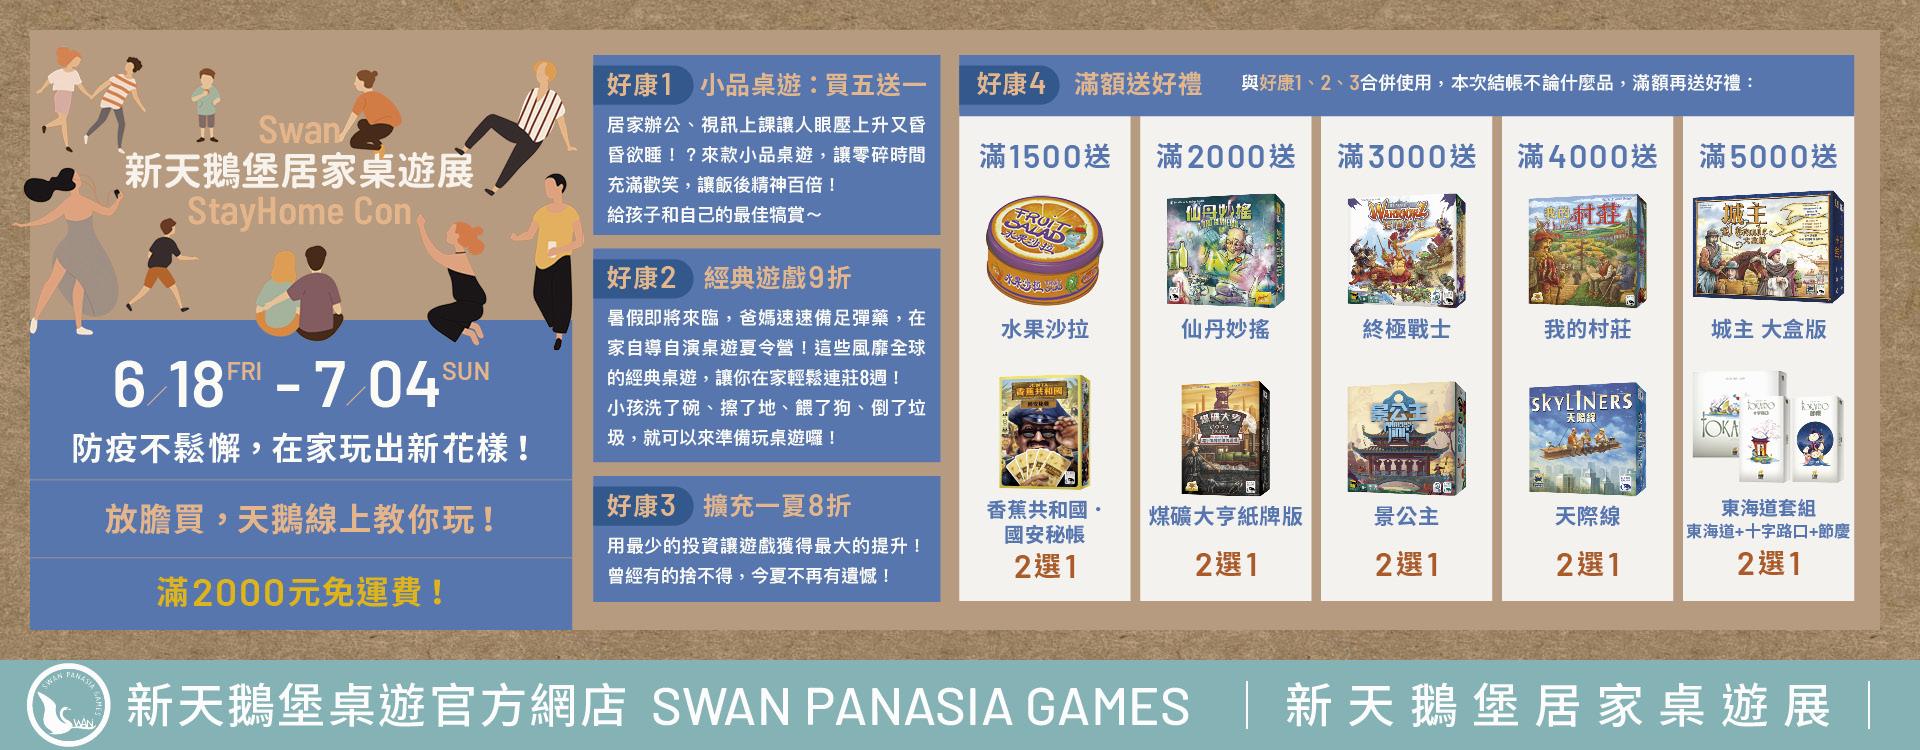 DBG_BANNER_1920x750px_20210618_SWAN Online Con